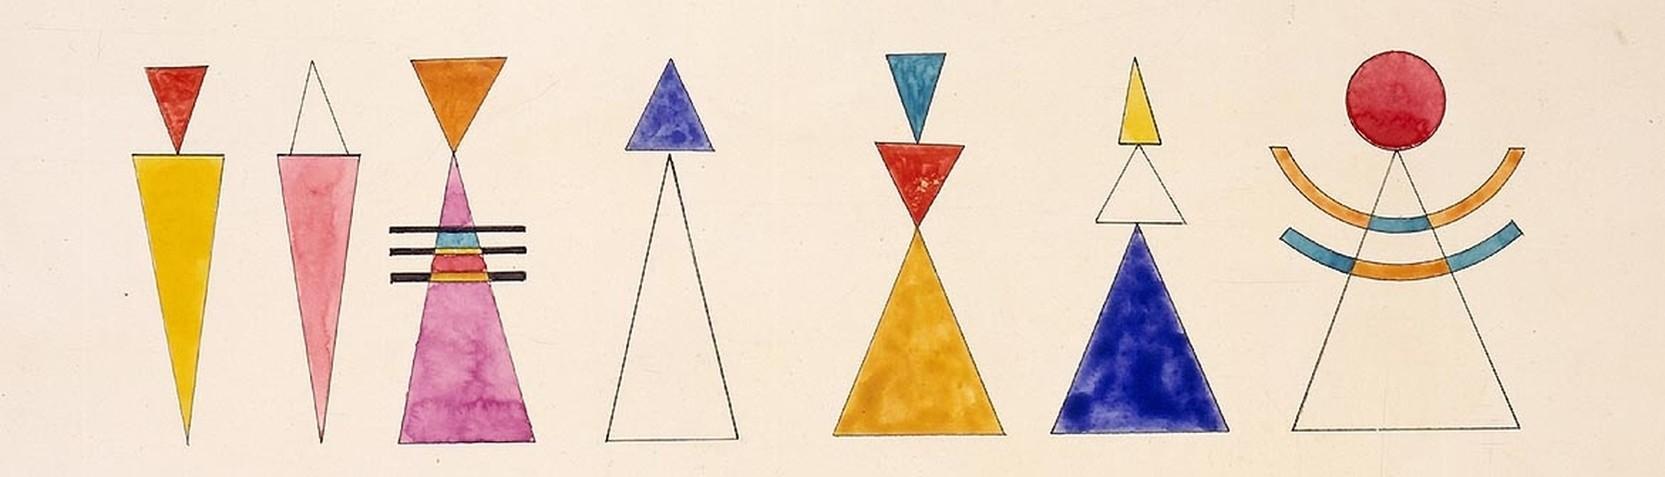 Artistas A-Z - Wassily Kandinsky